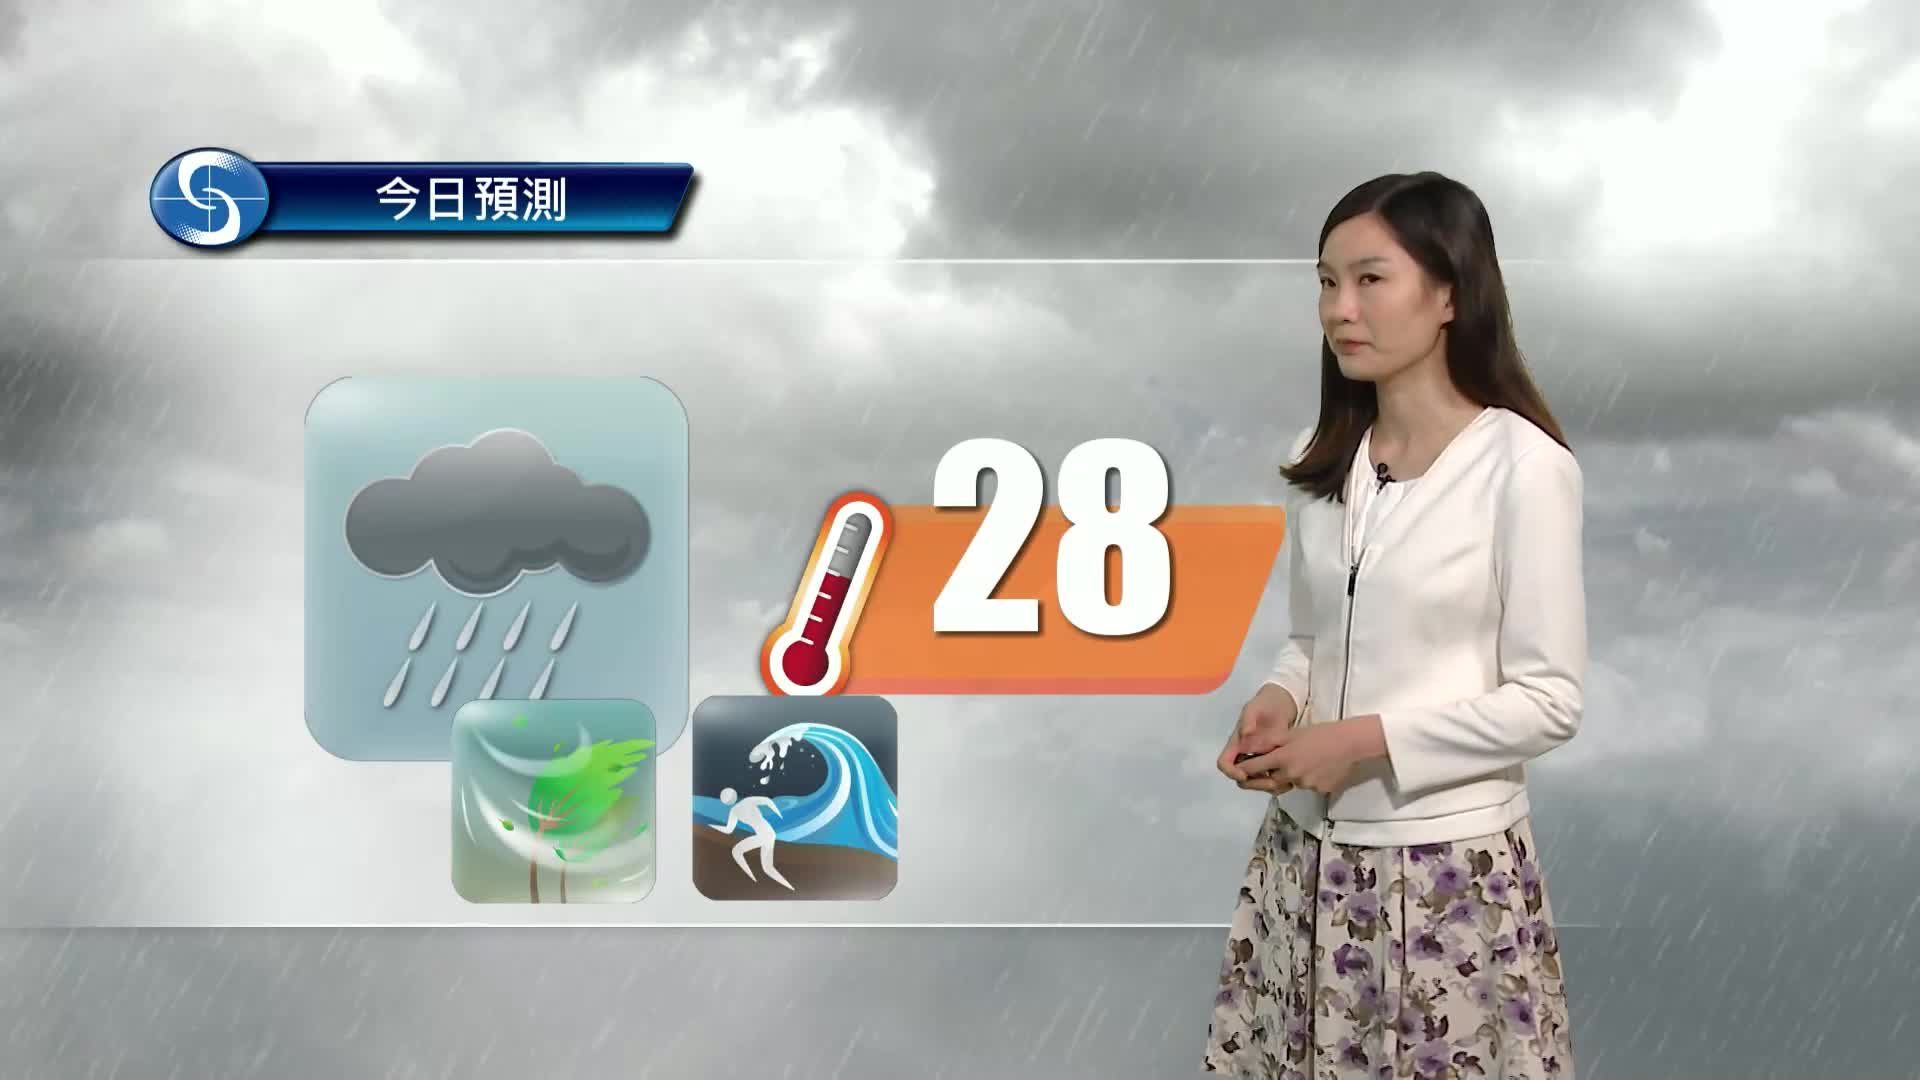 早晨天氣節目(07月20日上午8時) - 科學主任李鳳瑩